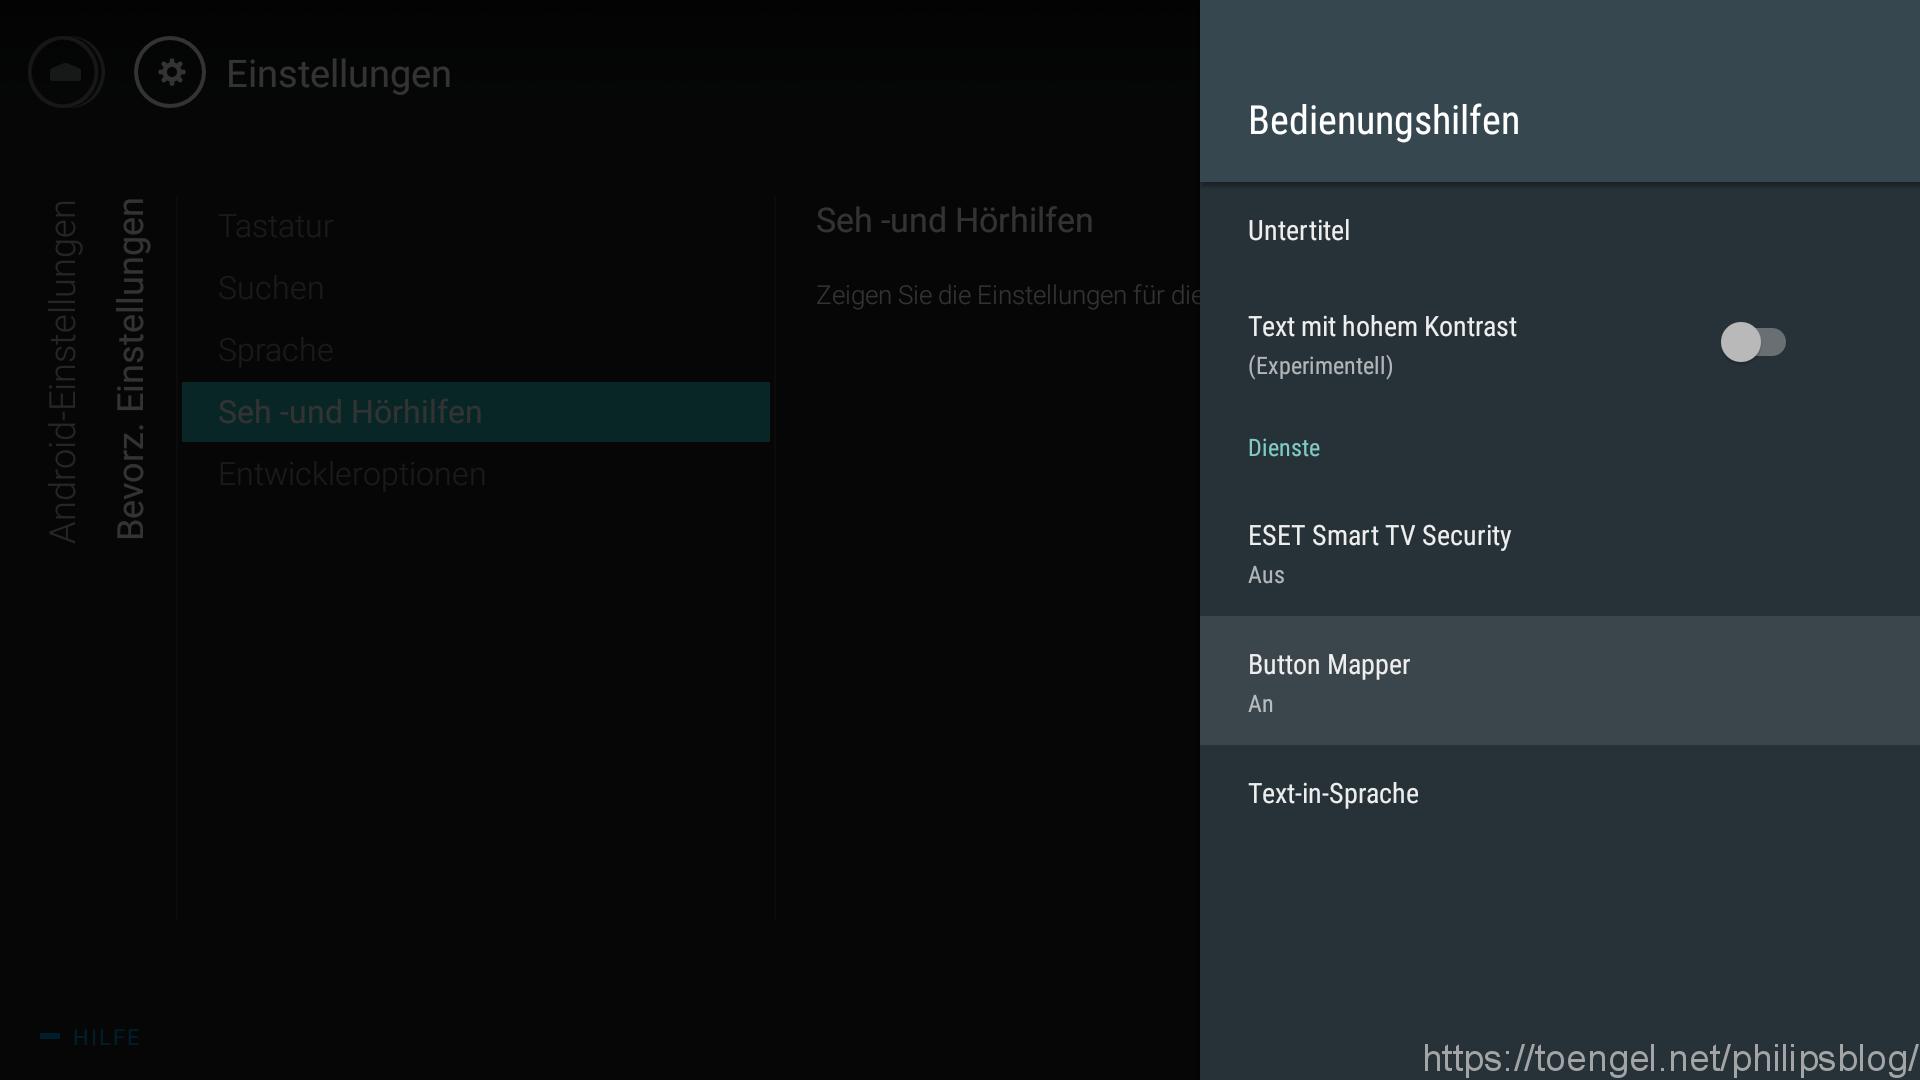 Philips: Android TV Fernbedienung neu belegen - Button Mapper - Bedienungshilfen